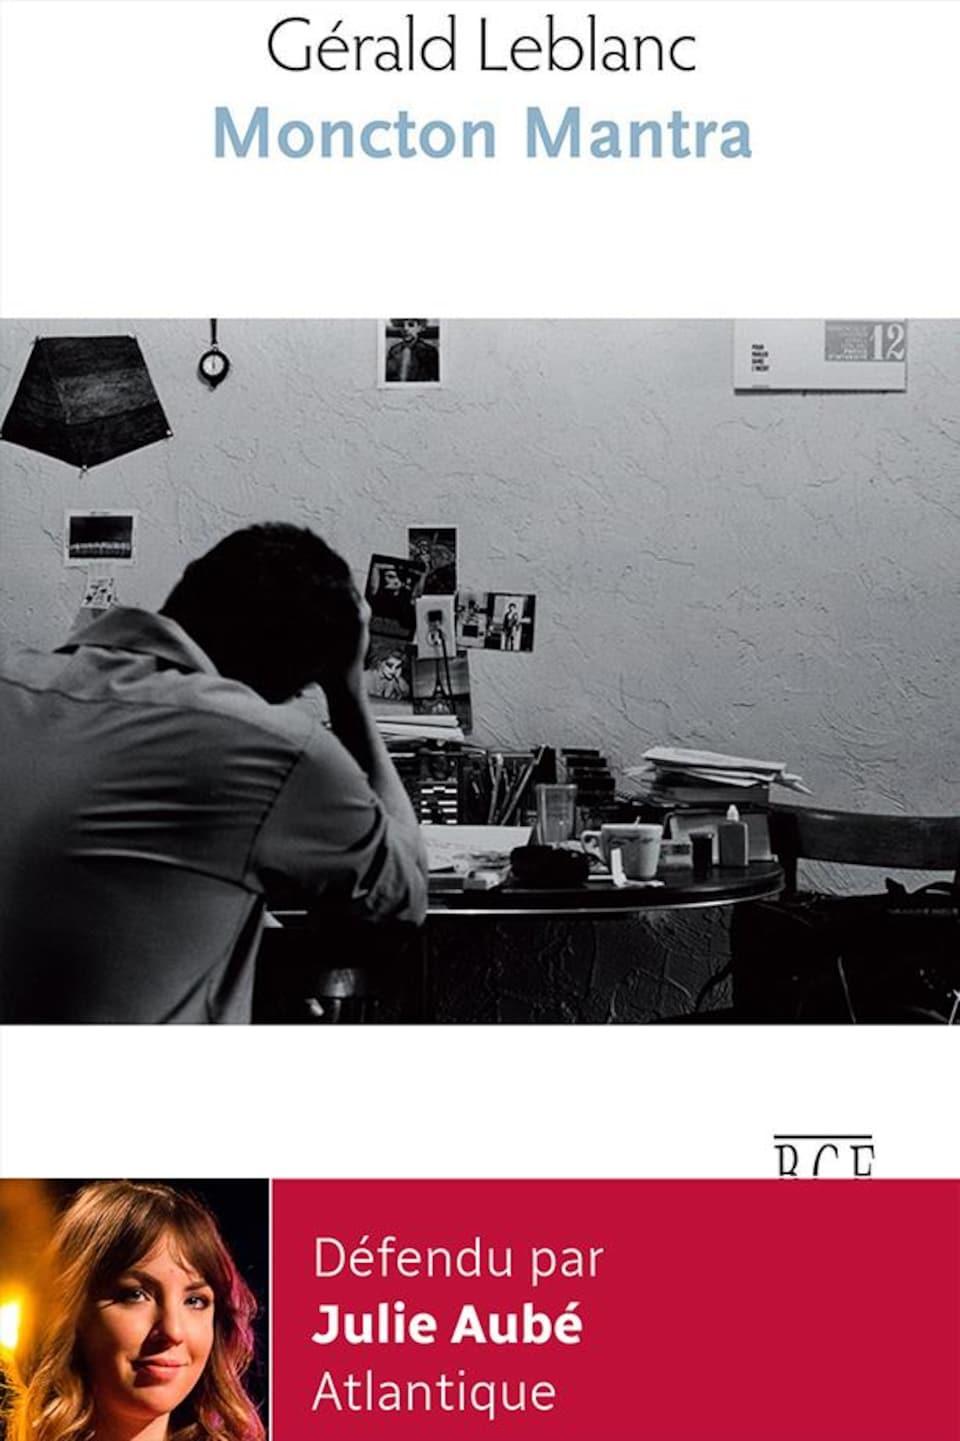 La couverture du livre Mantra montre un homme de dos à son bureau en noir en blanc.